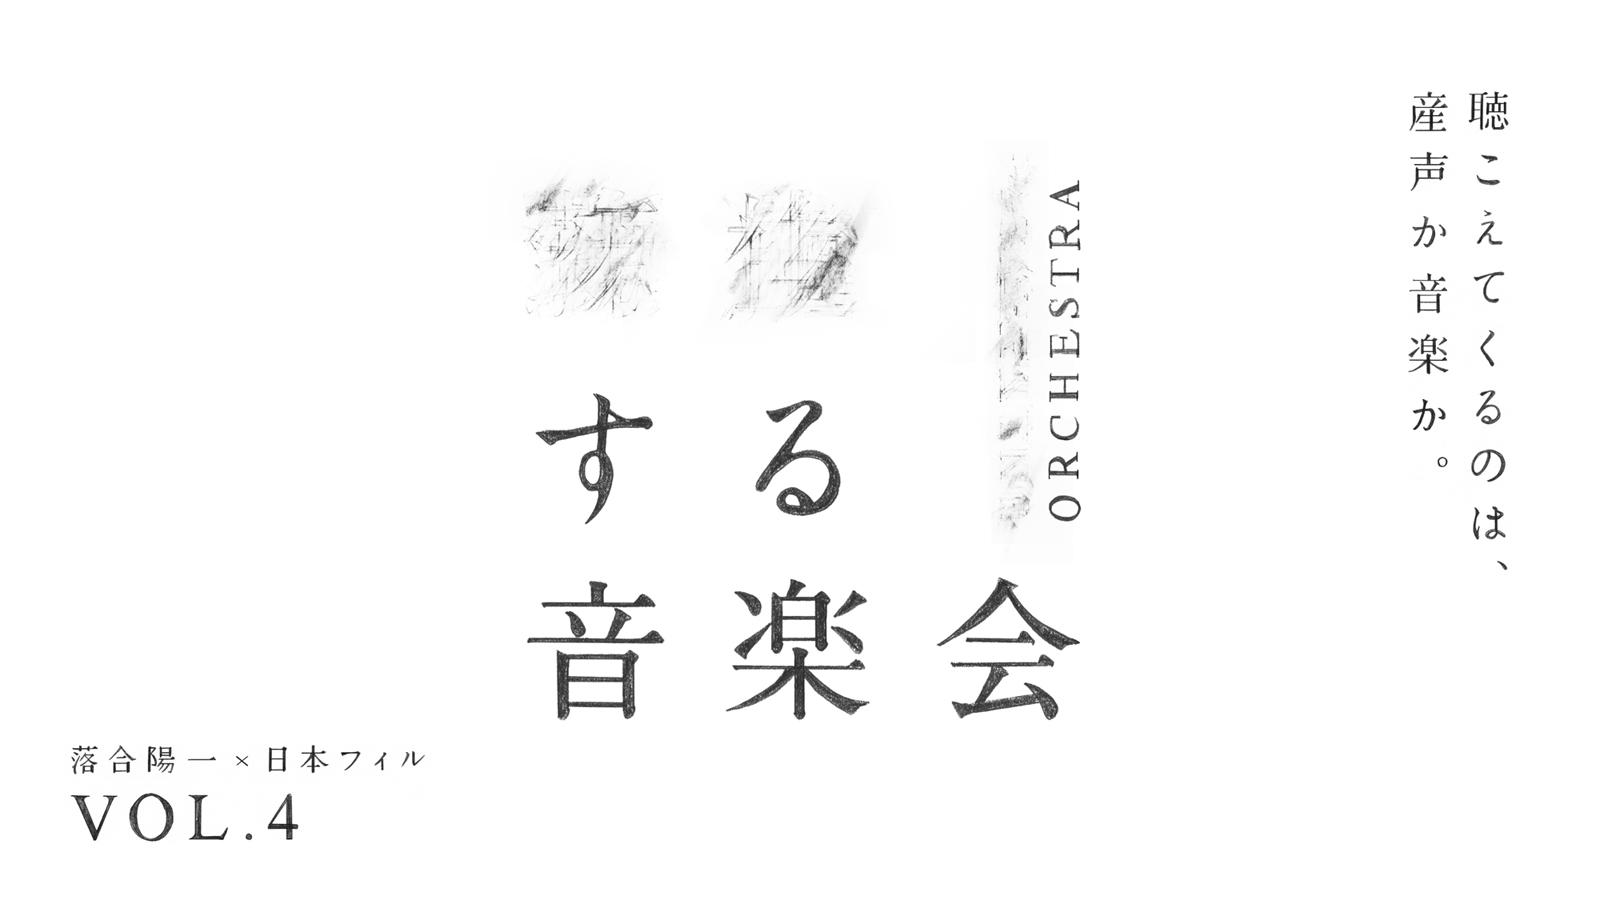 落合陽一×日本フィル プロジェクトVOL.4 《__する音楽会》